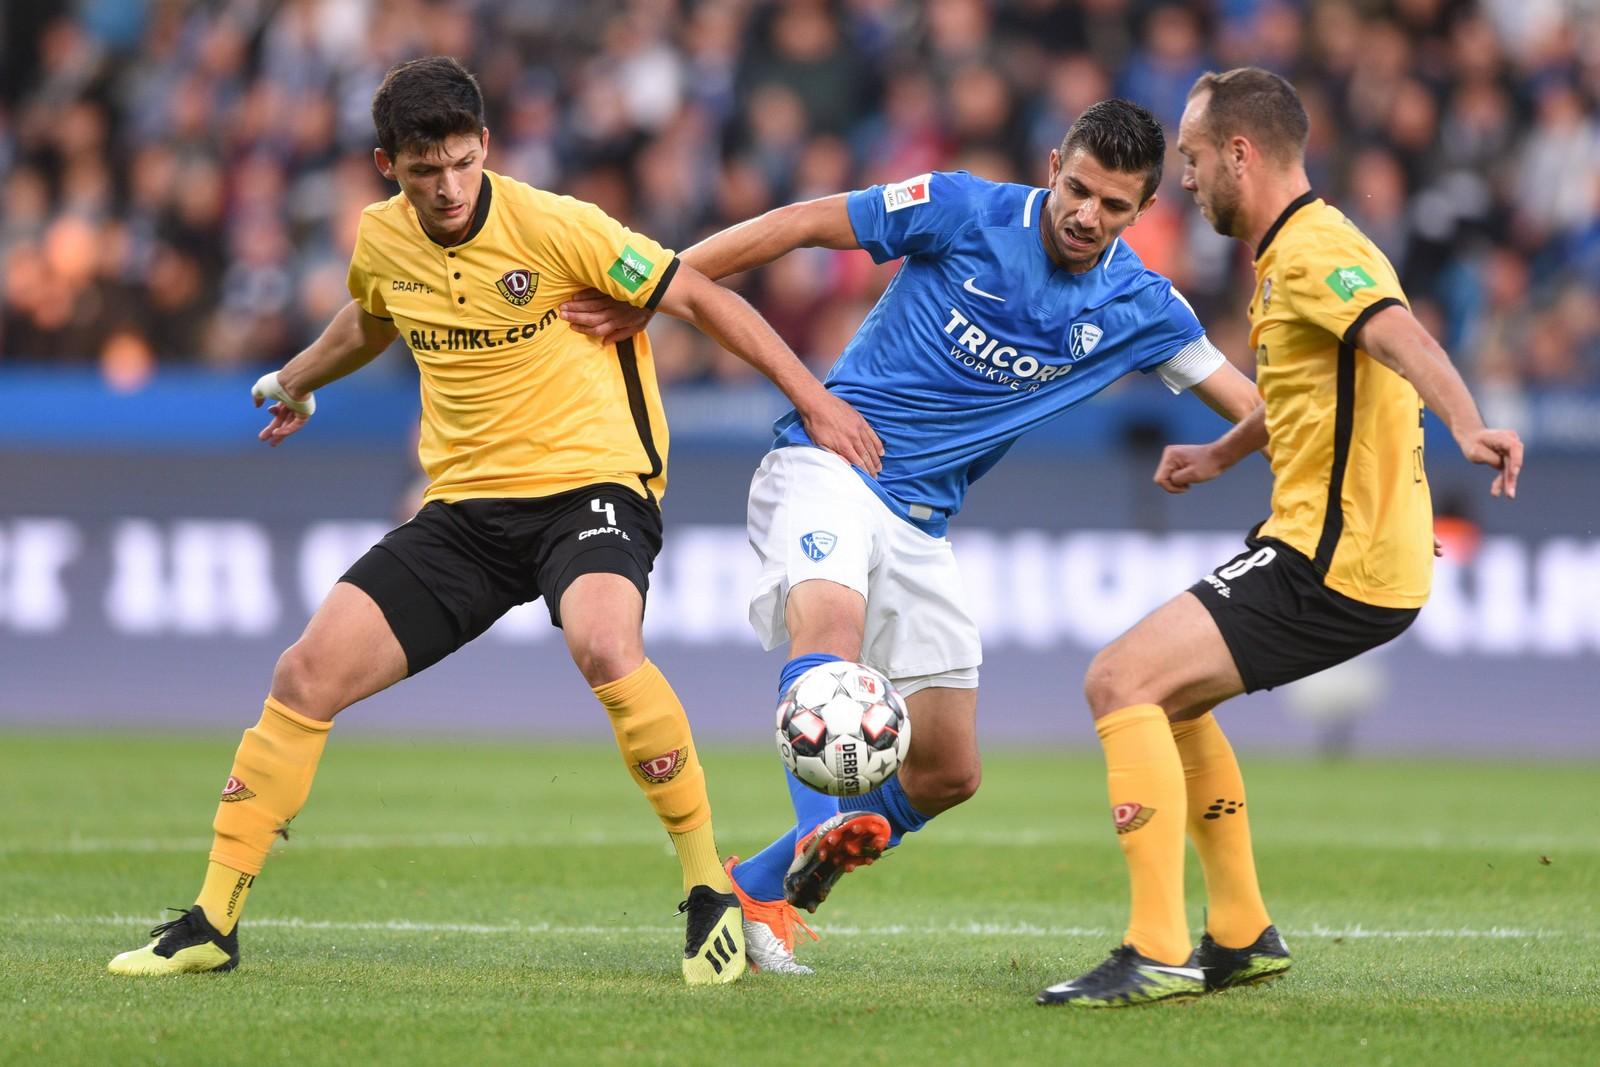 Jannis Nikolaou von Dynamo Dresden gegen Anthony Losilla vom VfL Bochum